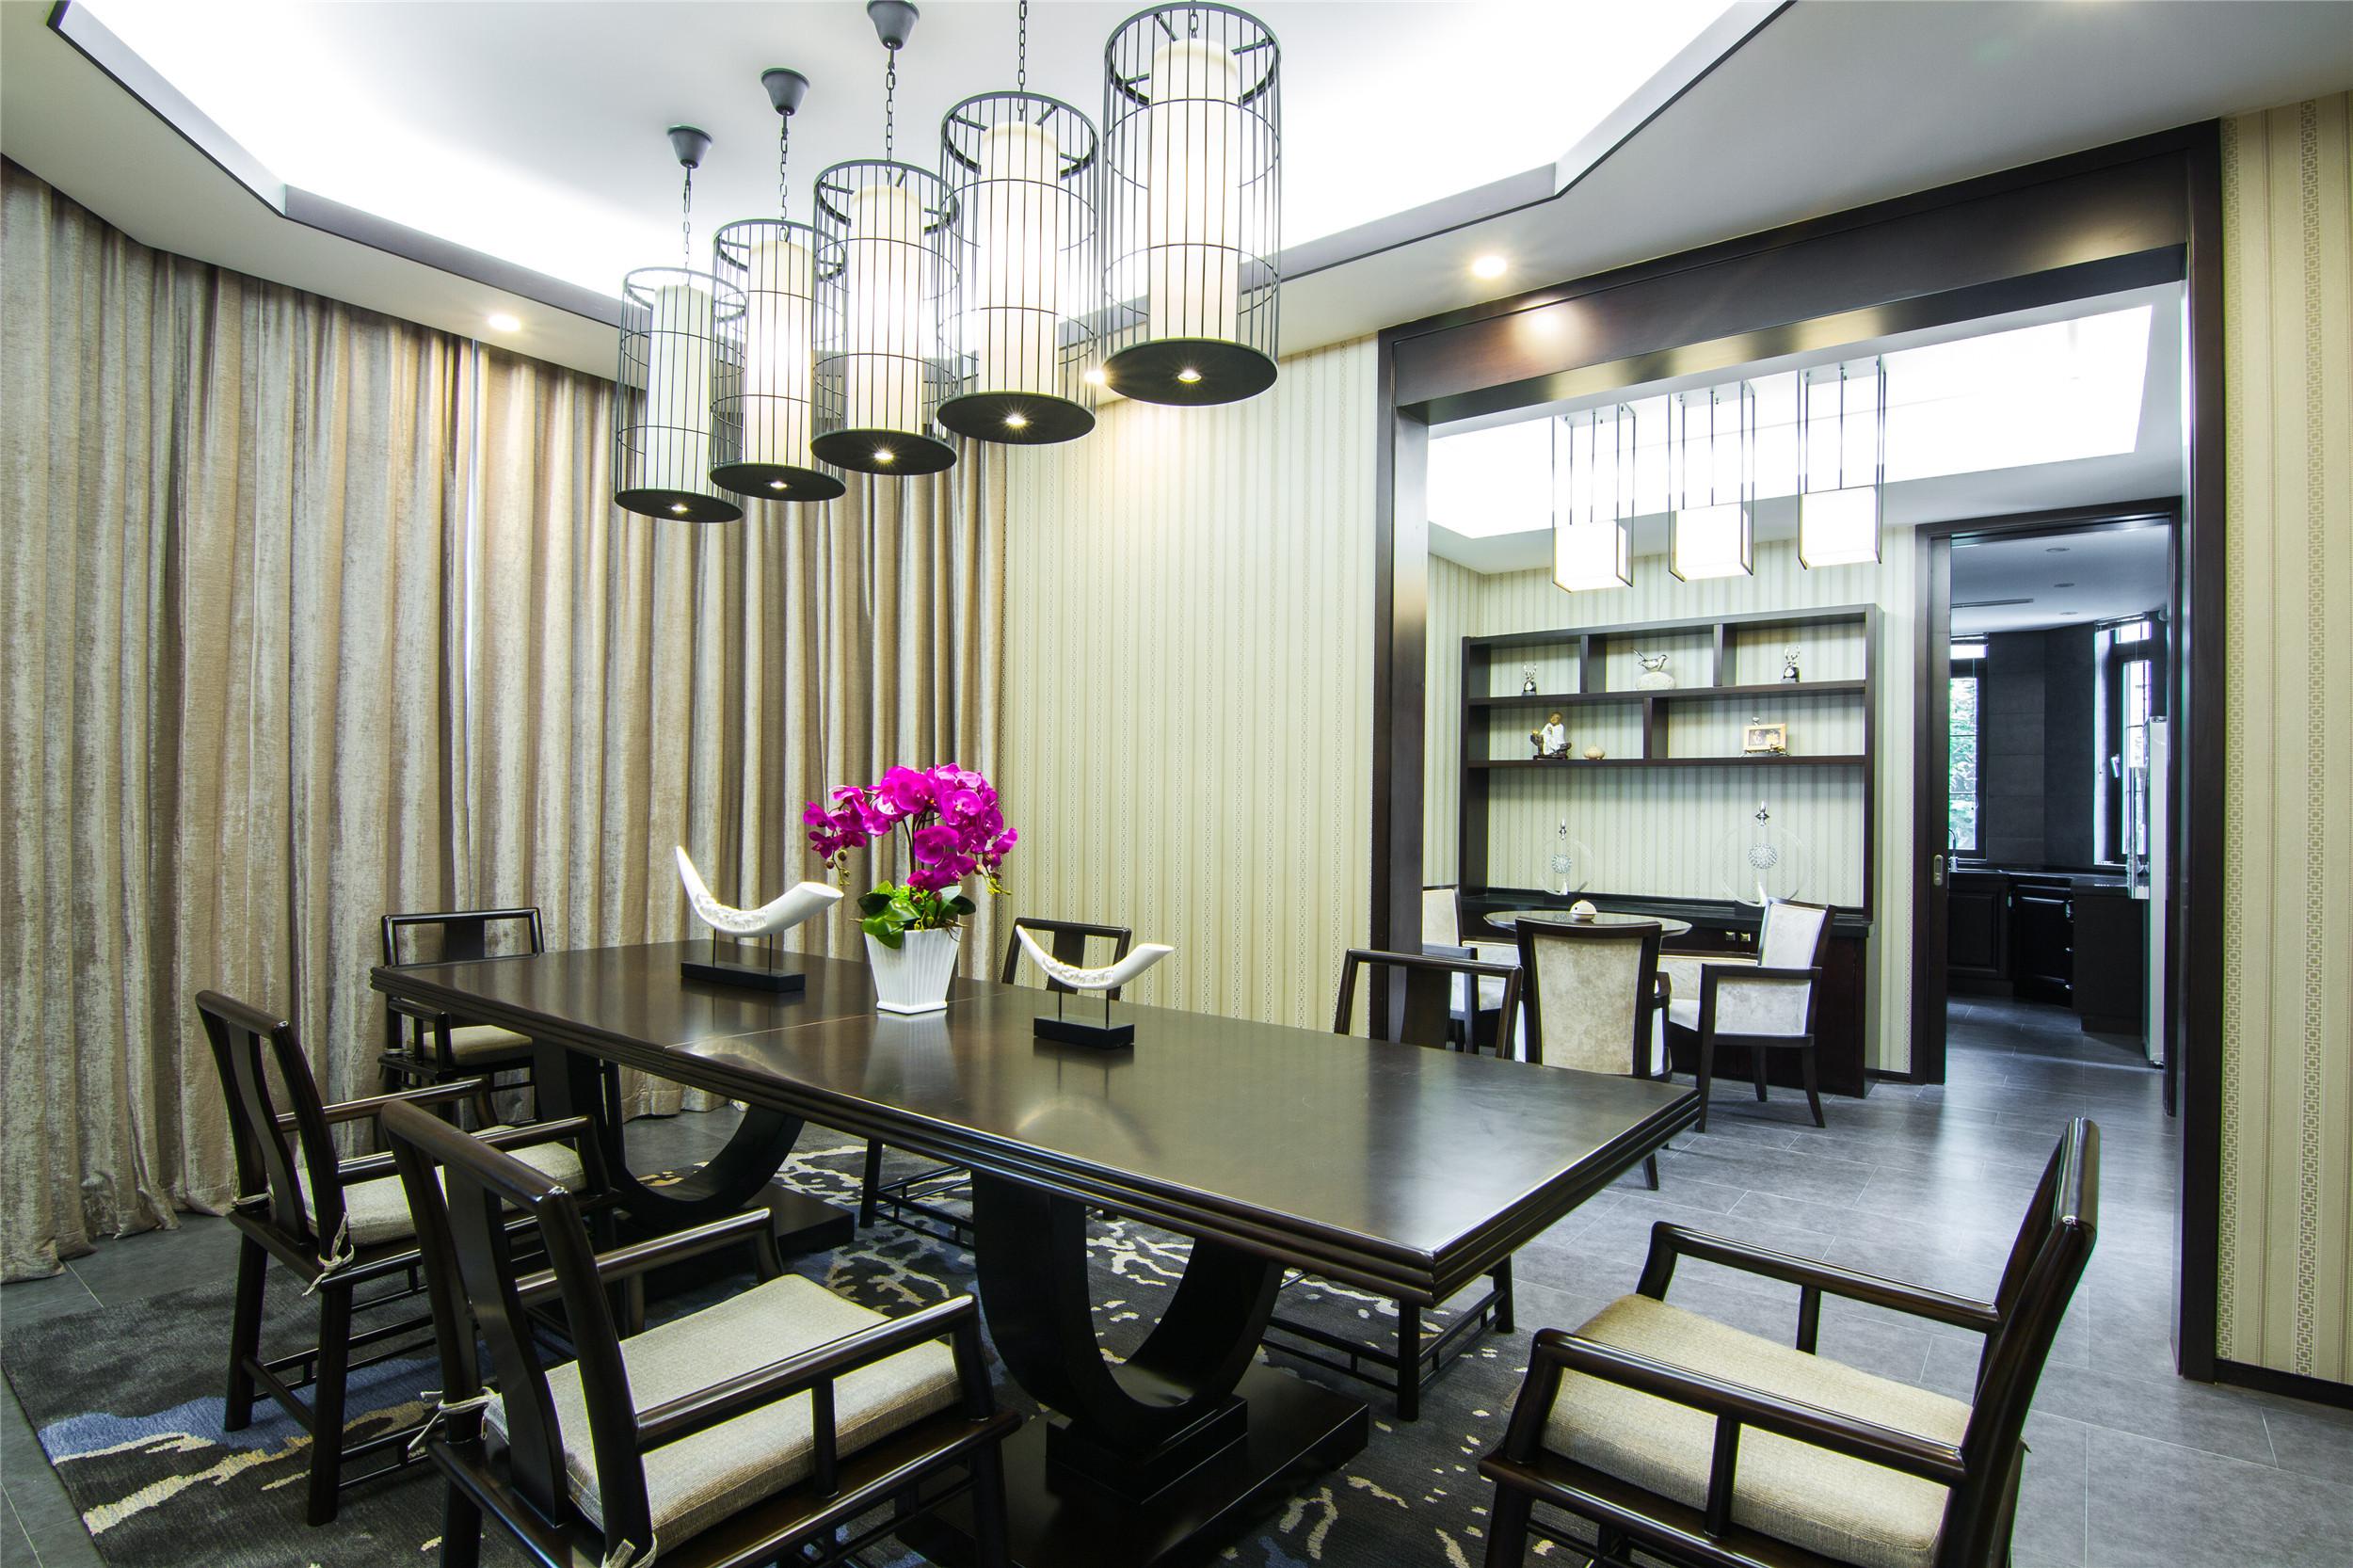 中式别墅样板房装修餐厅设计图